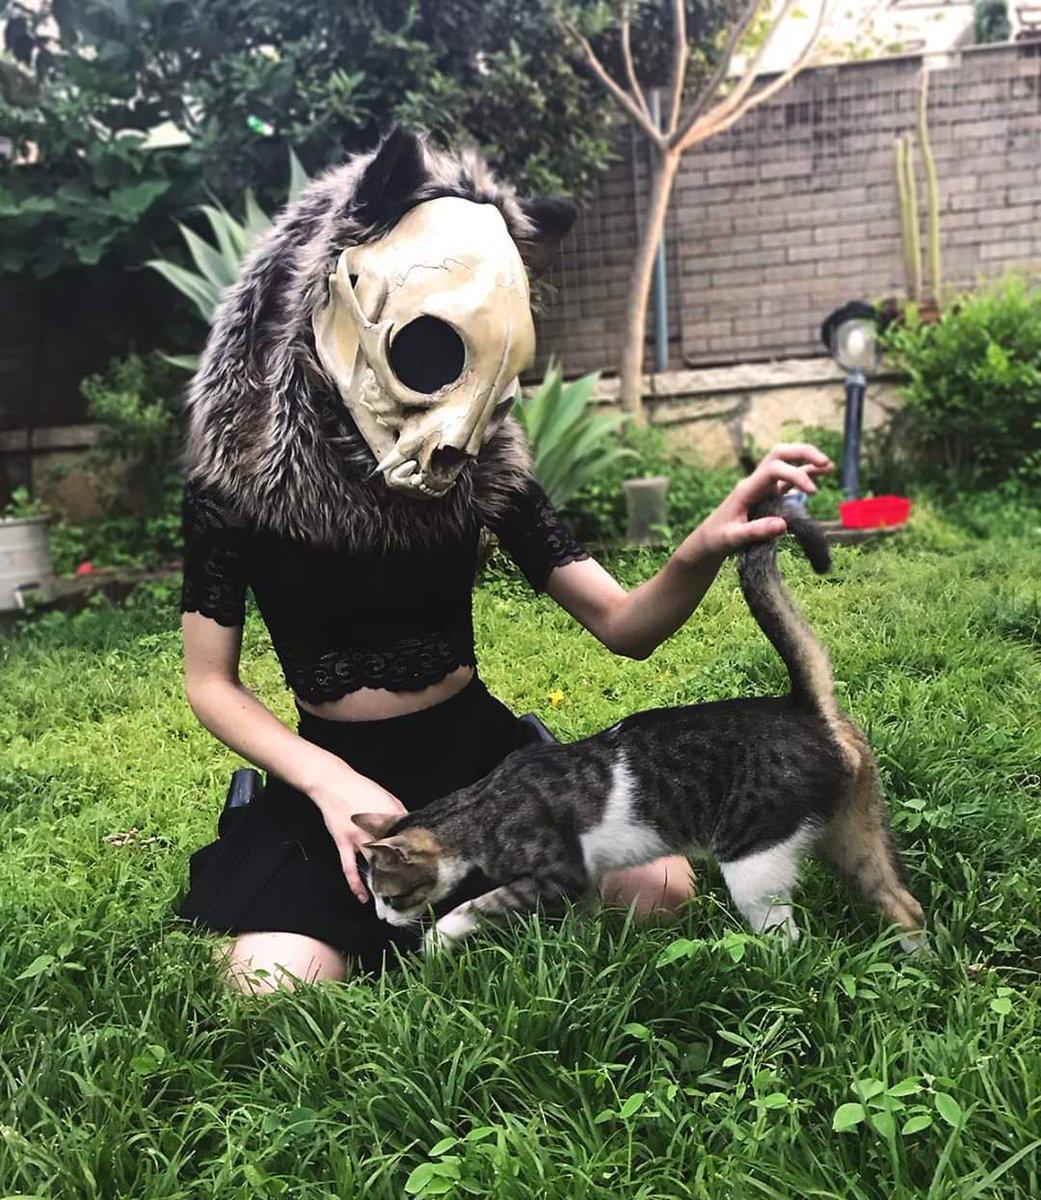 Fucking furry  #catgirl #Kitty #skull pic.twitter.com/V2QMhHMPGp